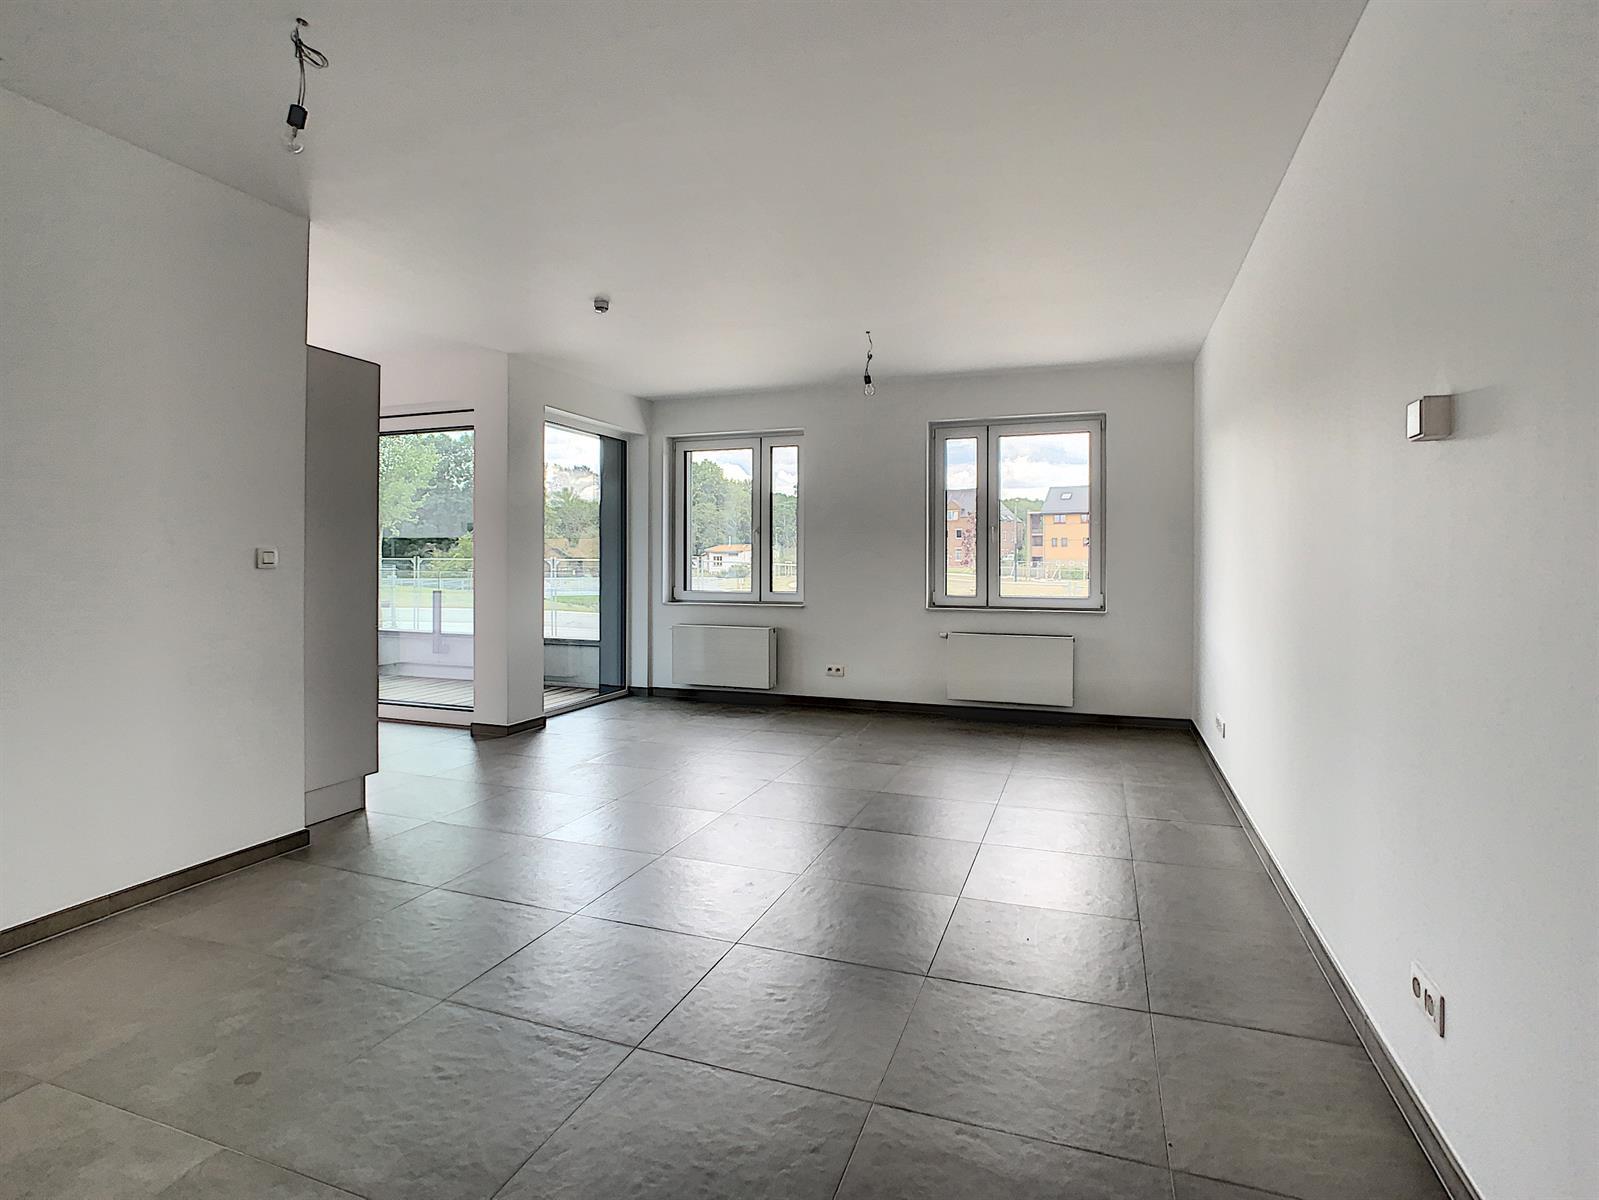 Appartement - Louvain-la-Neuve - #4149935-1